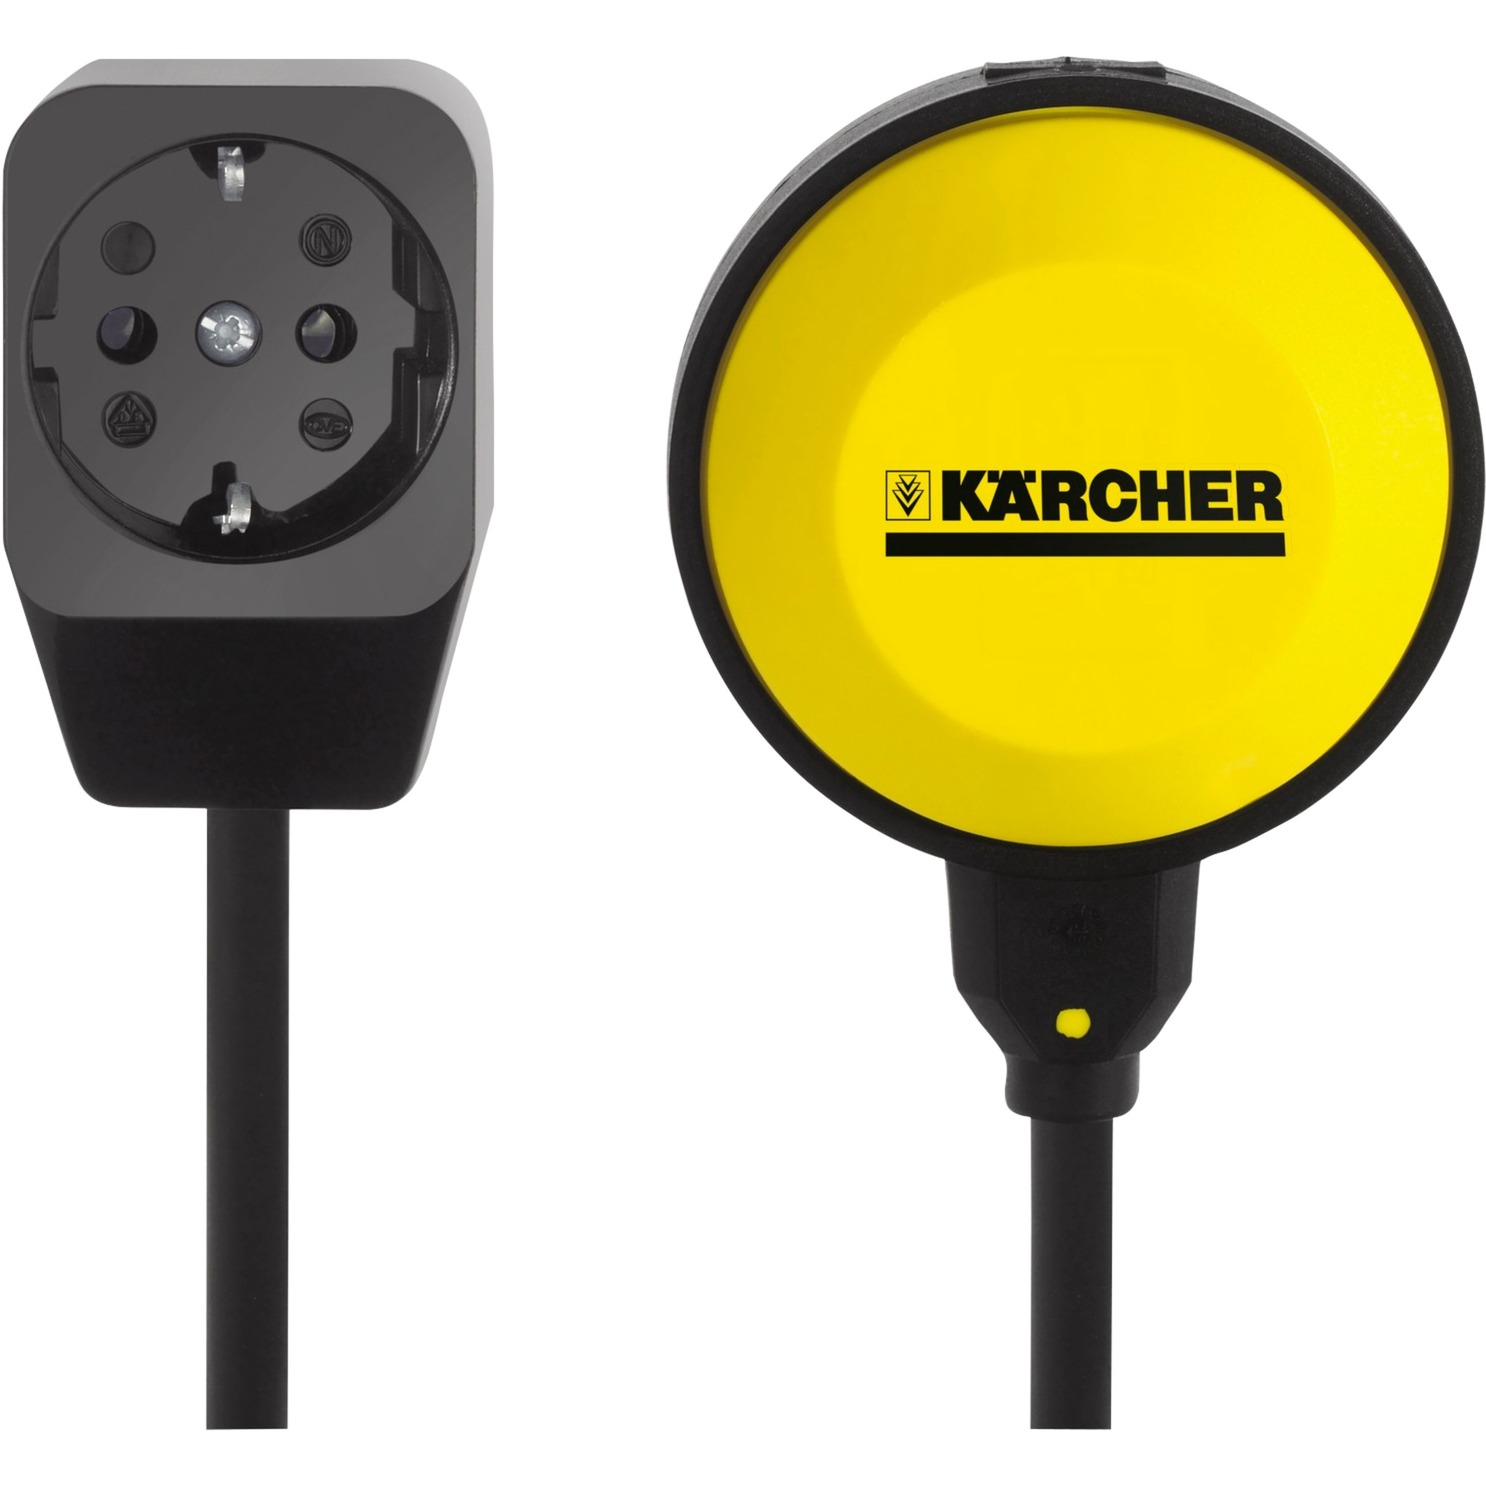 Karcher interruttore basculante prezzo e offerte sottocosto for Leroy merlin idropulitrice